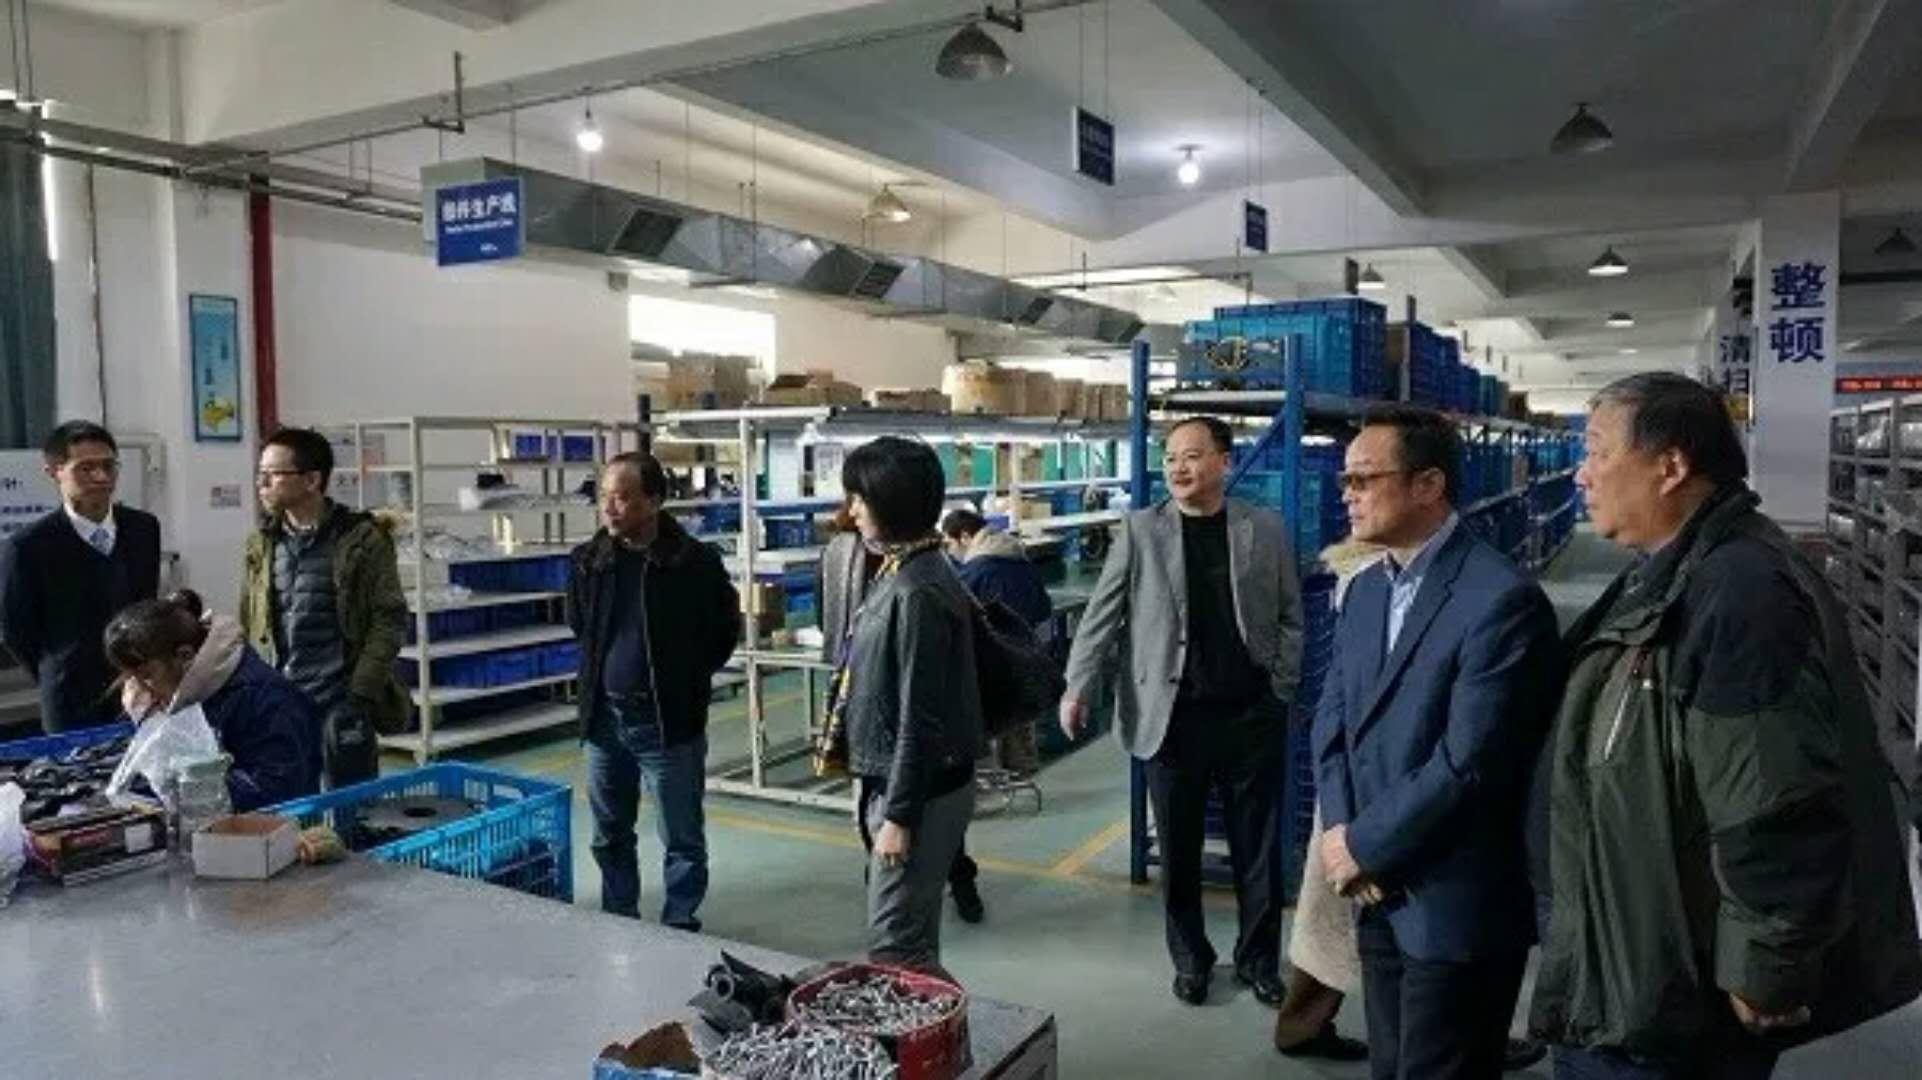 澳蓝负责起草的国家标准《计算机和数据处理机房用蒸发式冷气机》制定大会在福州举办取得圆满成功